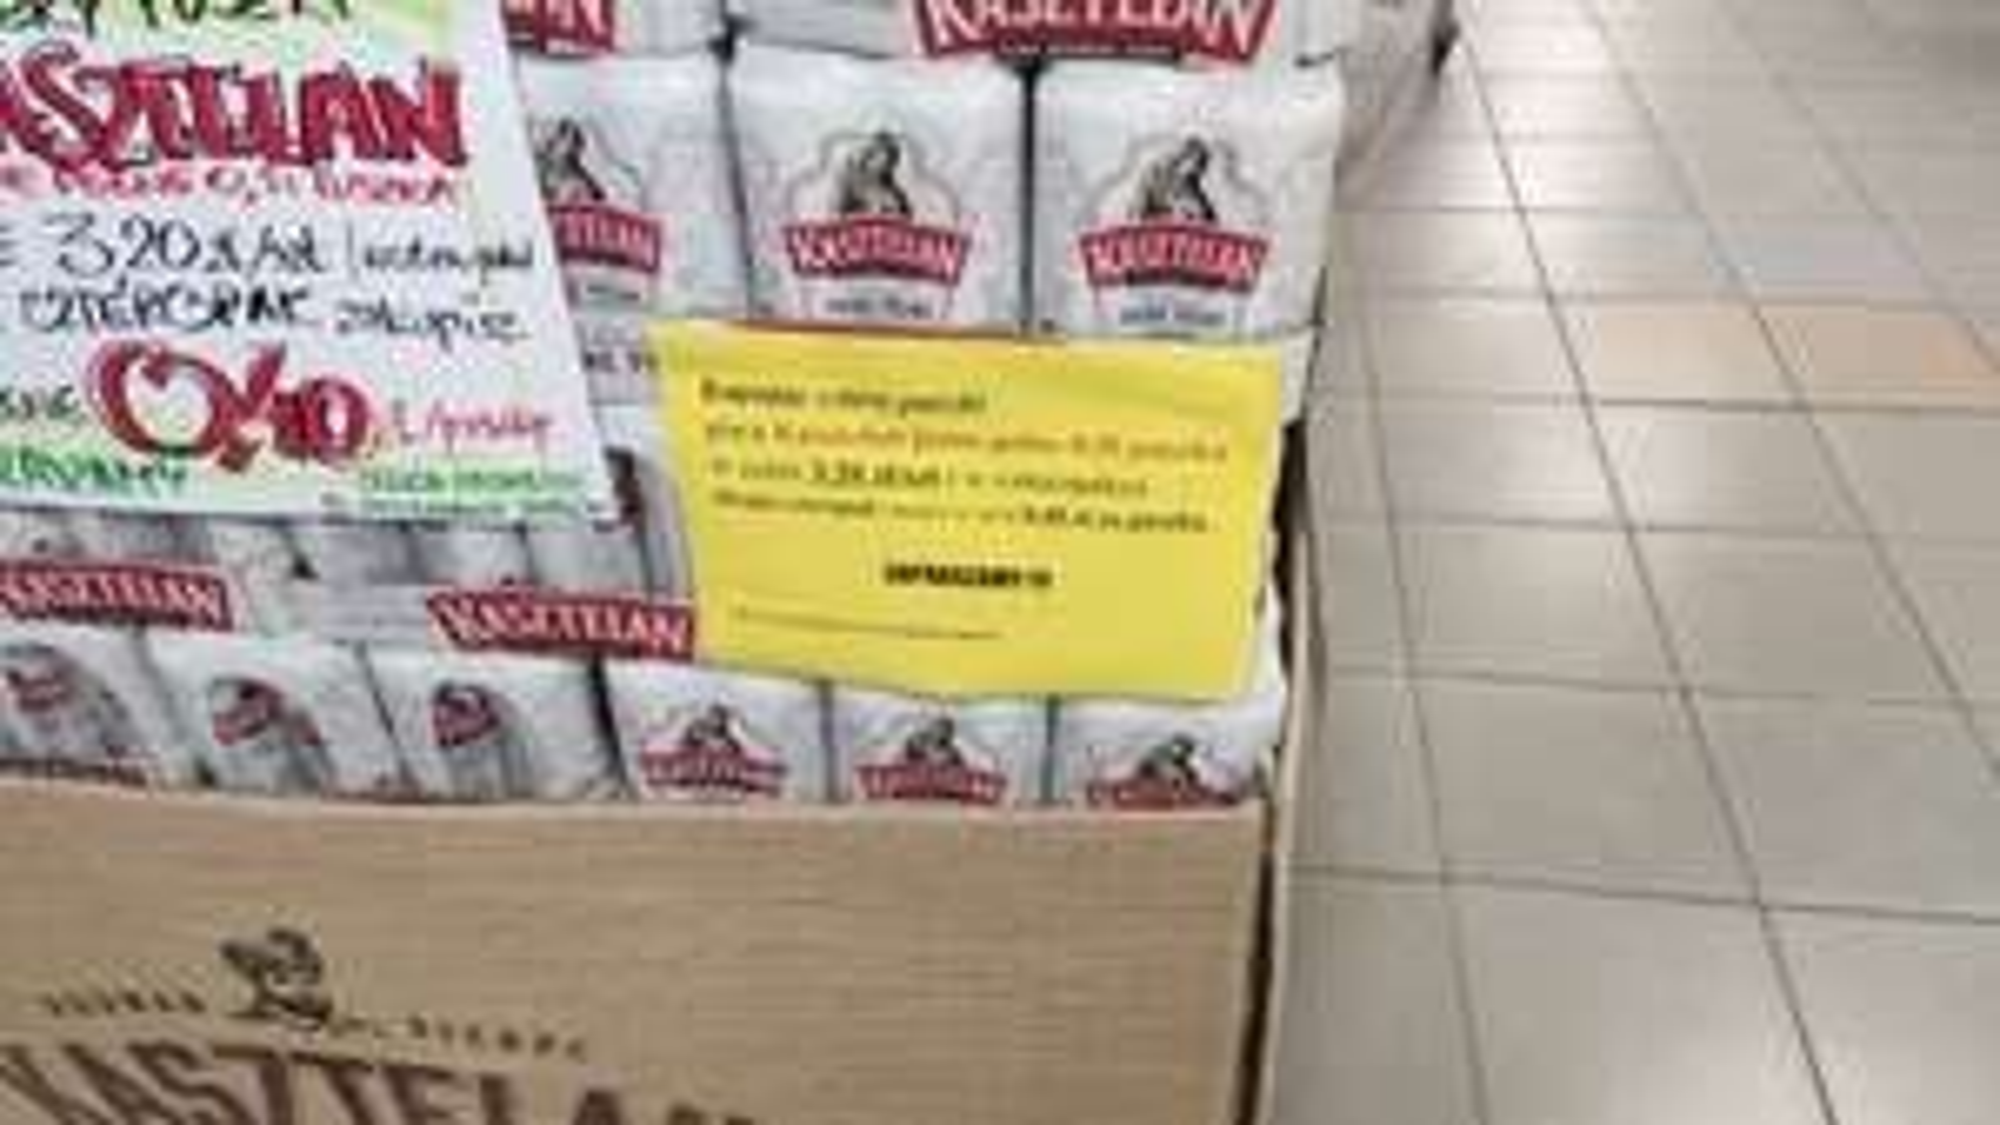 Promocja na piwo Kasztelan Jasne w puszce 2x czteropak, Warszawa Hala Kopińska